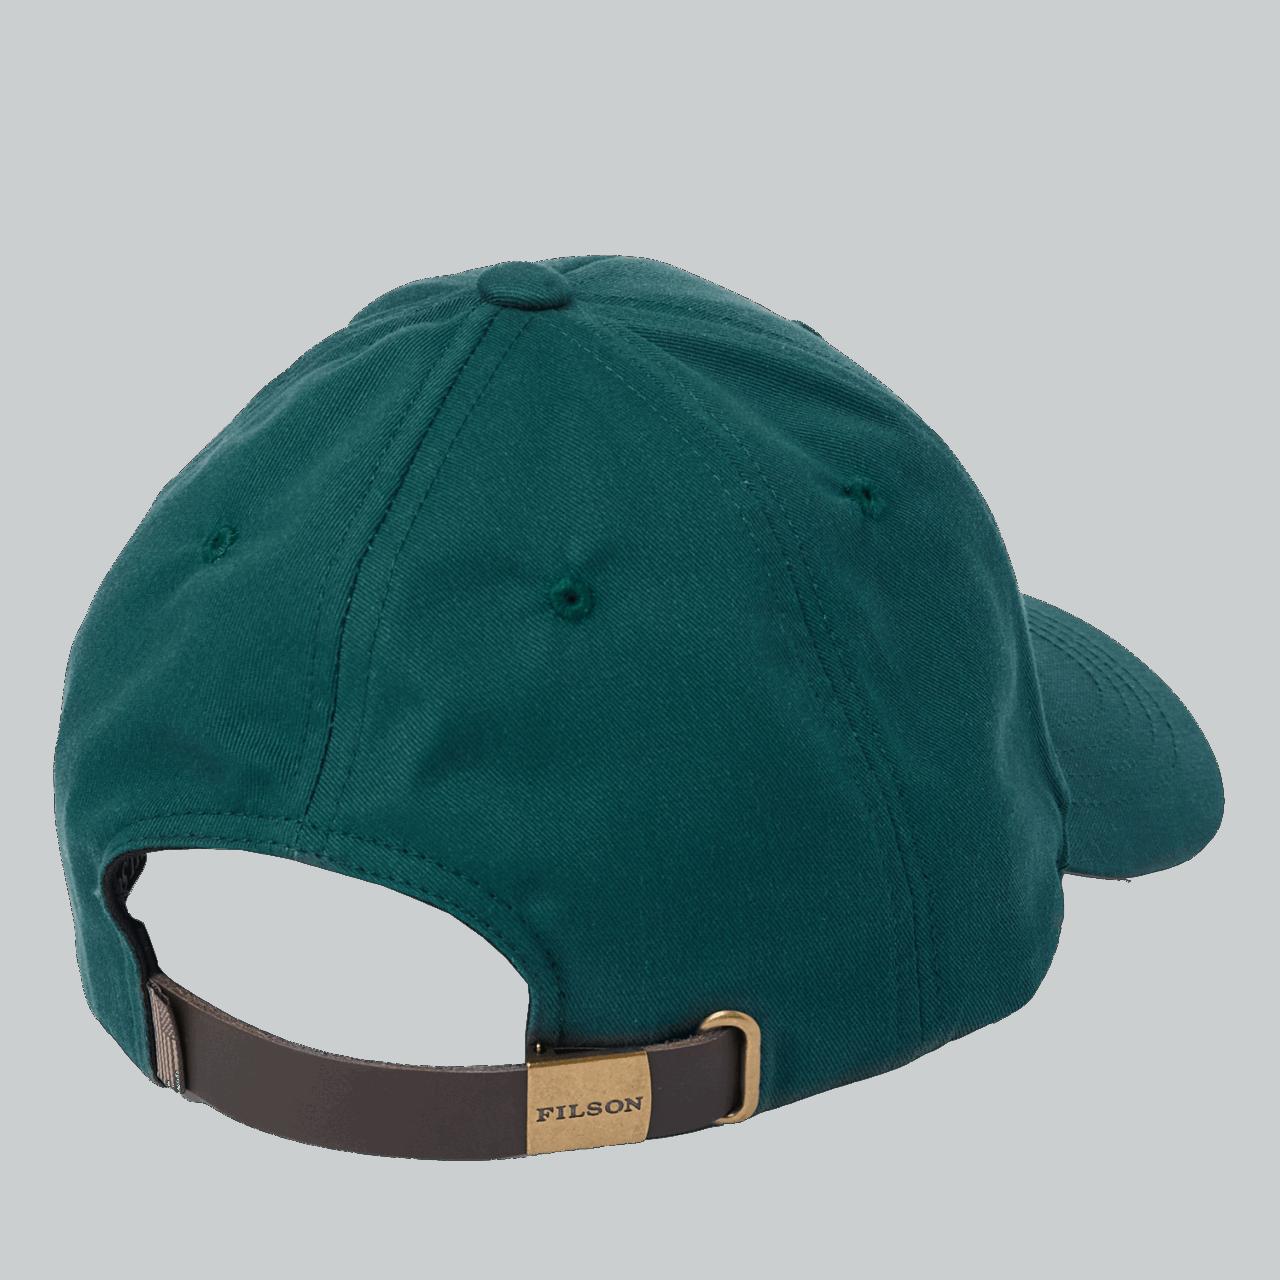 Filson Logger Cap - green